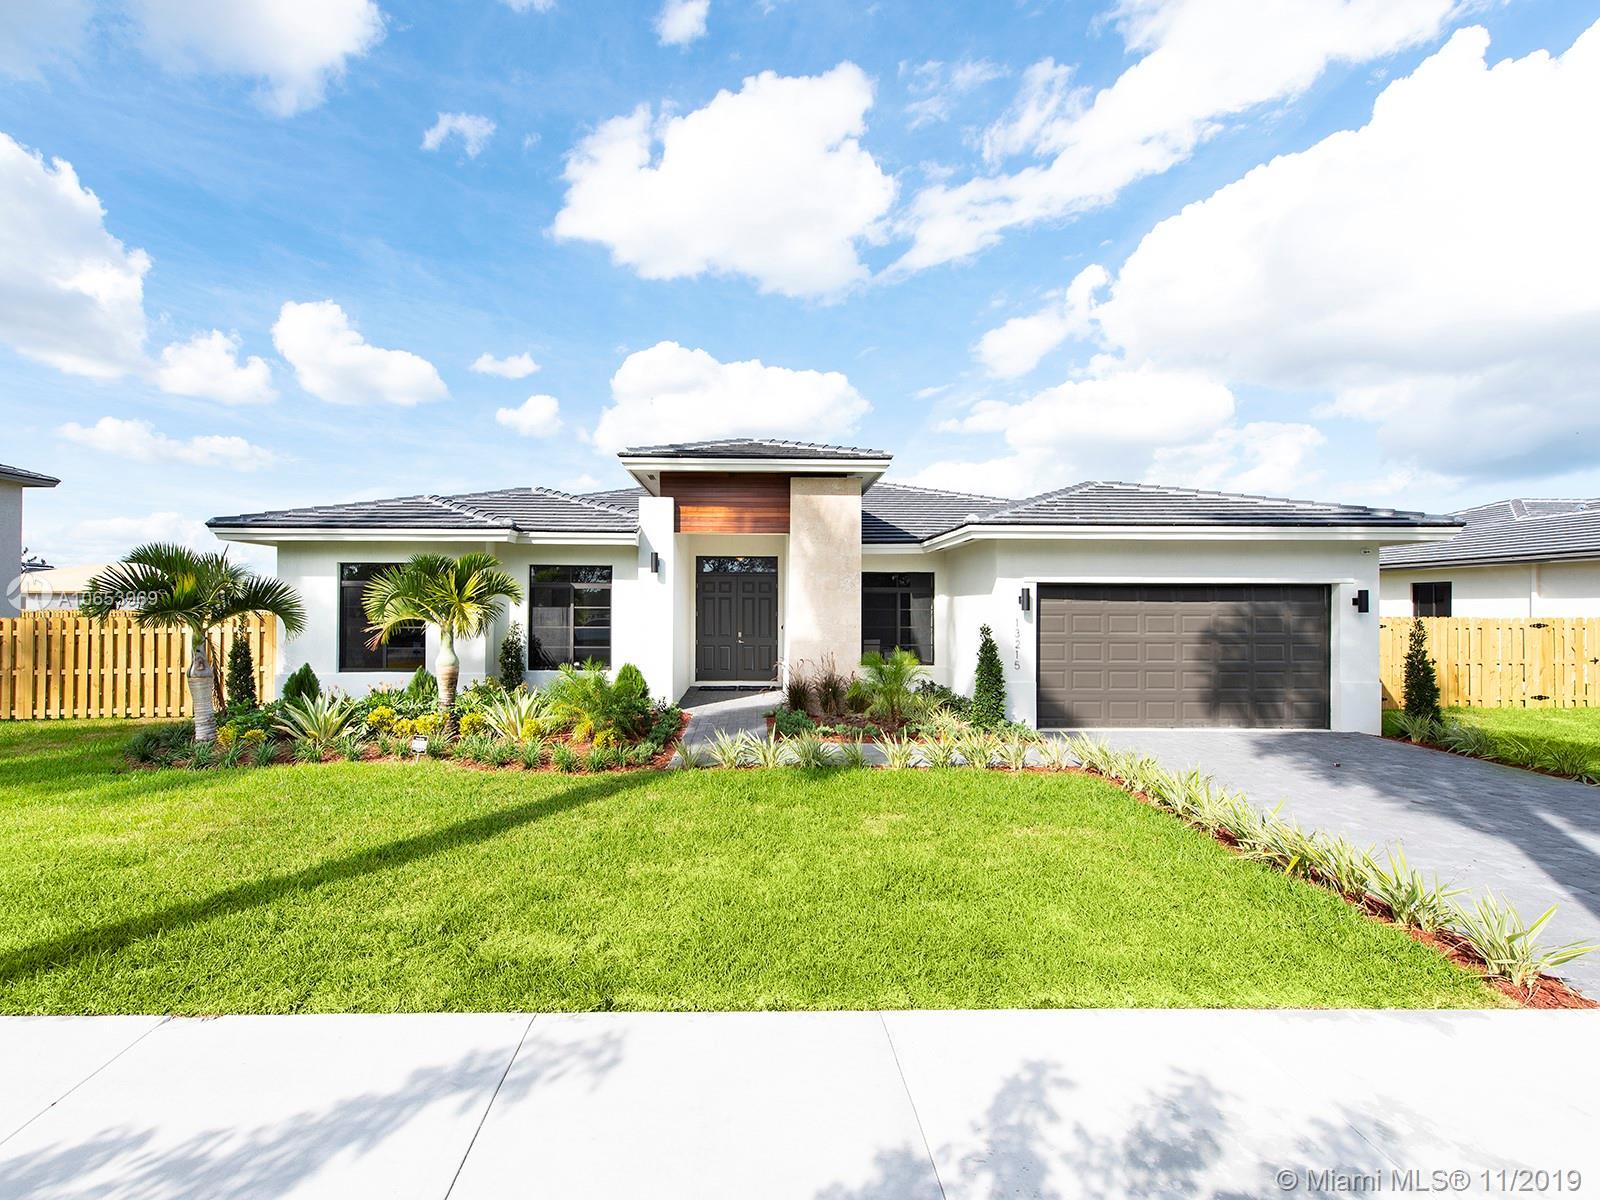 13215 SW 232 St, Miami, FL 33170 - Miami, FL real estate listing